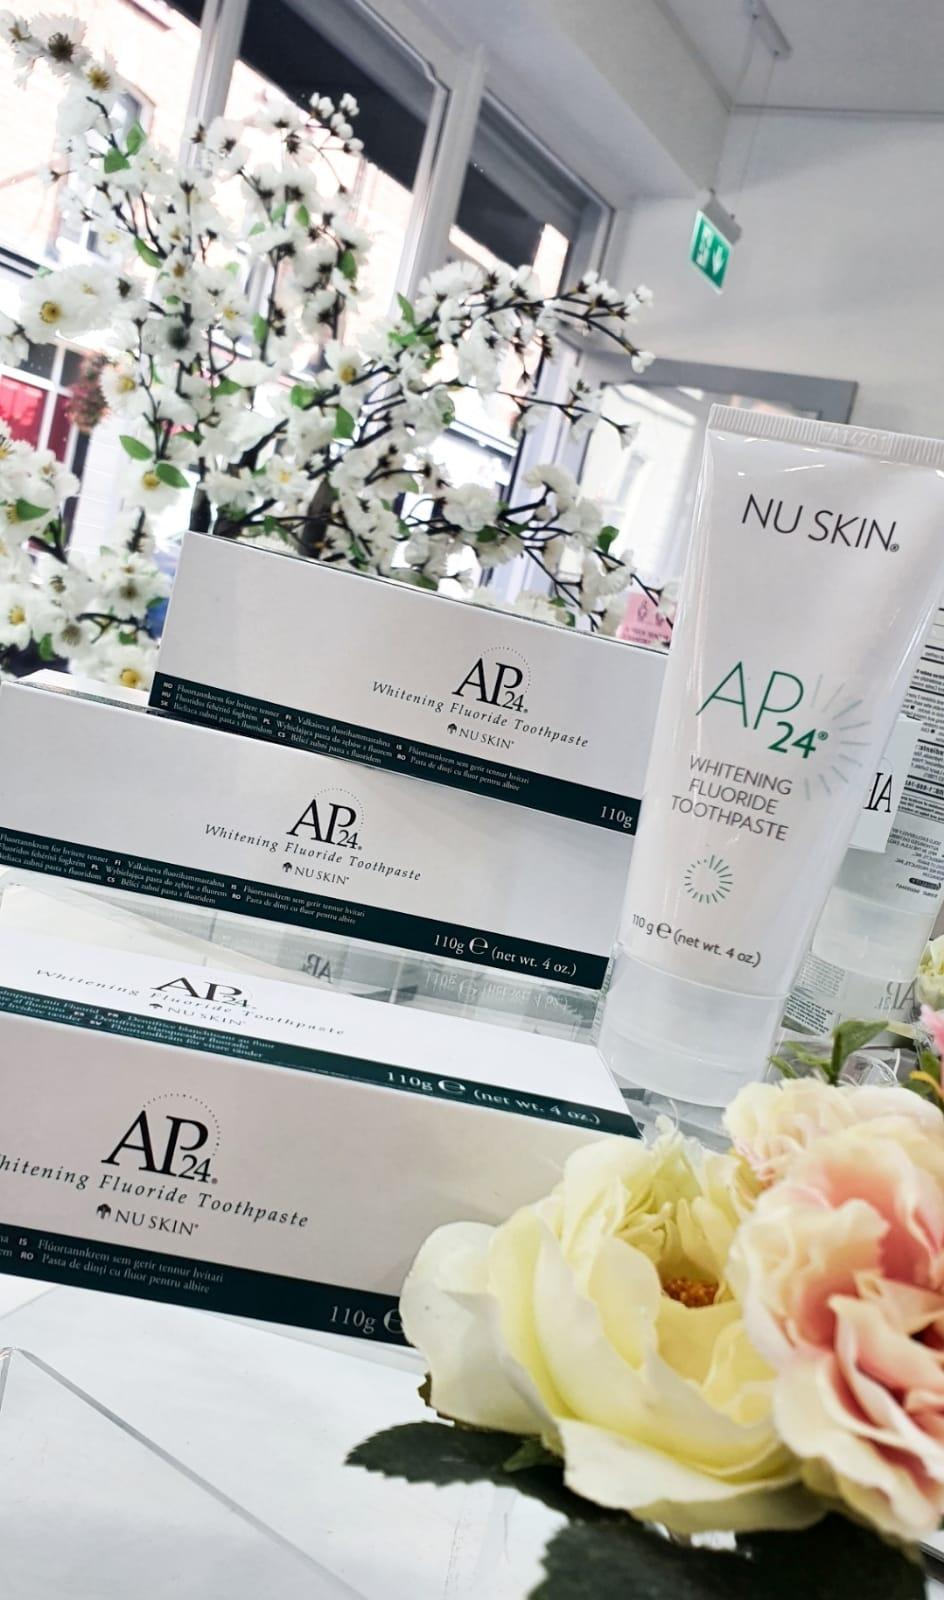 AP 24 Whitening Flouride Toothpaste